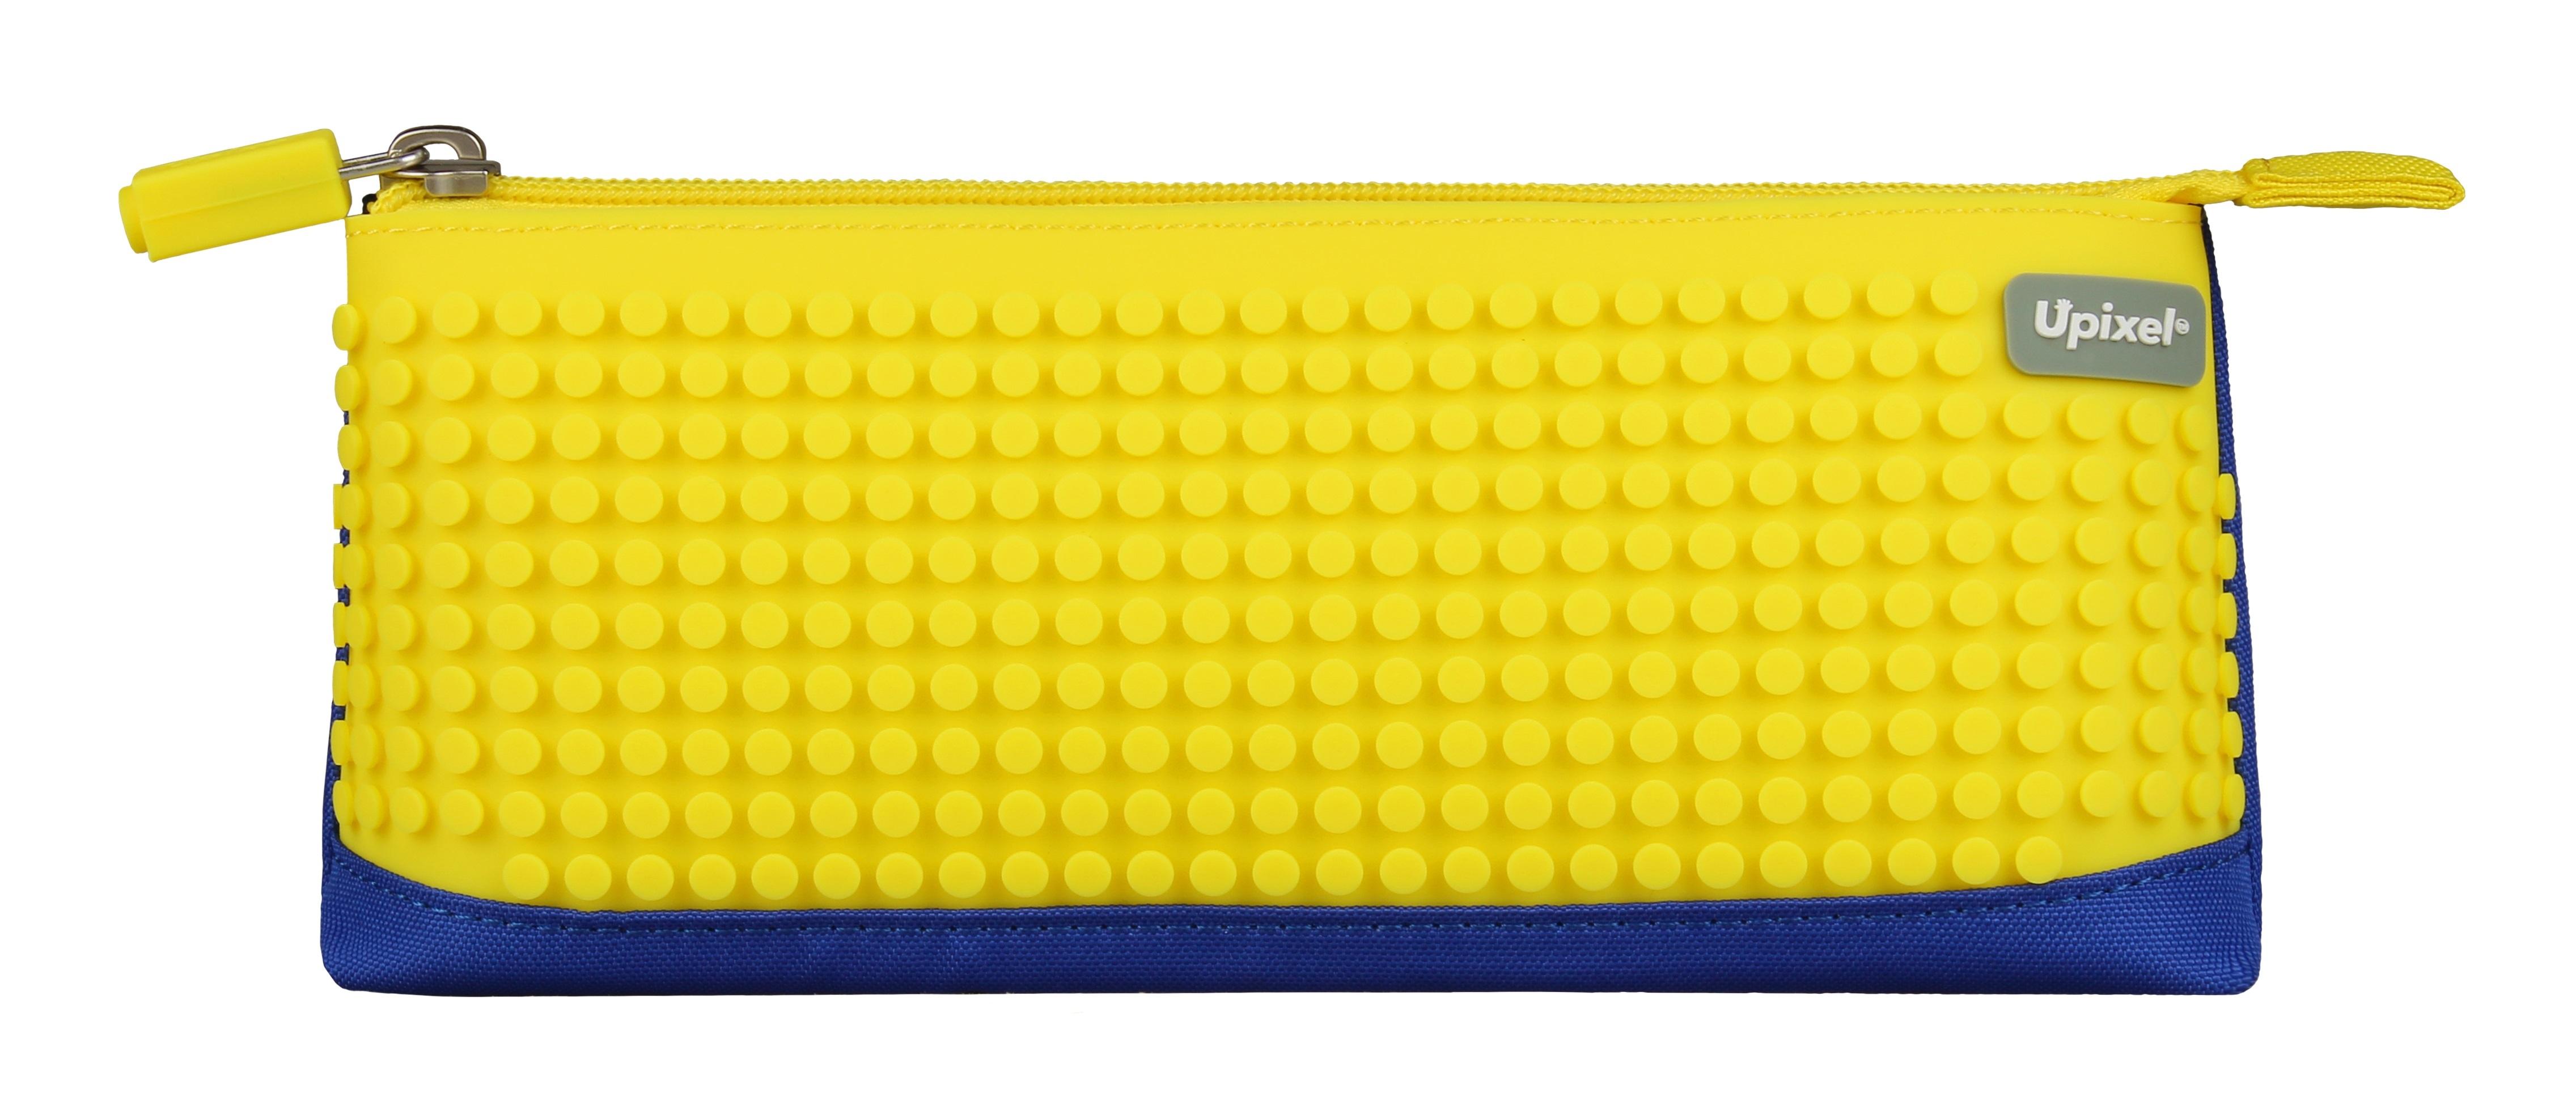 Пиксельный пенал (Pencil Case) WY-B002 (синий/банановый желтый)Представляем вашему вниманию пиксельный пенал (Pencil Case) WY-B002, имеющий силиконовую панель, на которой с помощью «пикселей» в виде мозаики выкладывается абсолютно любой рисунок.<br>